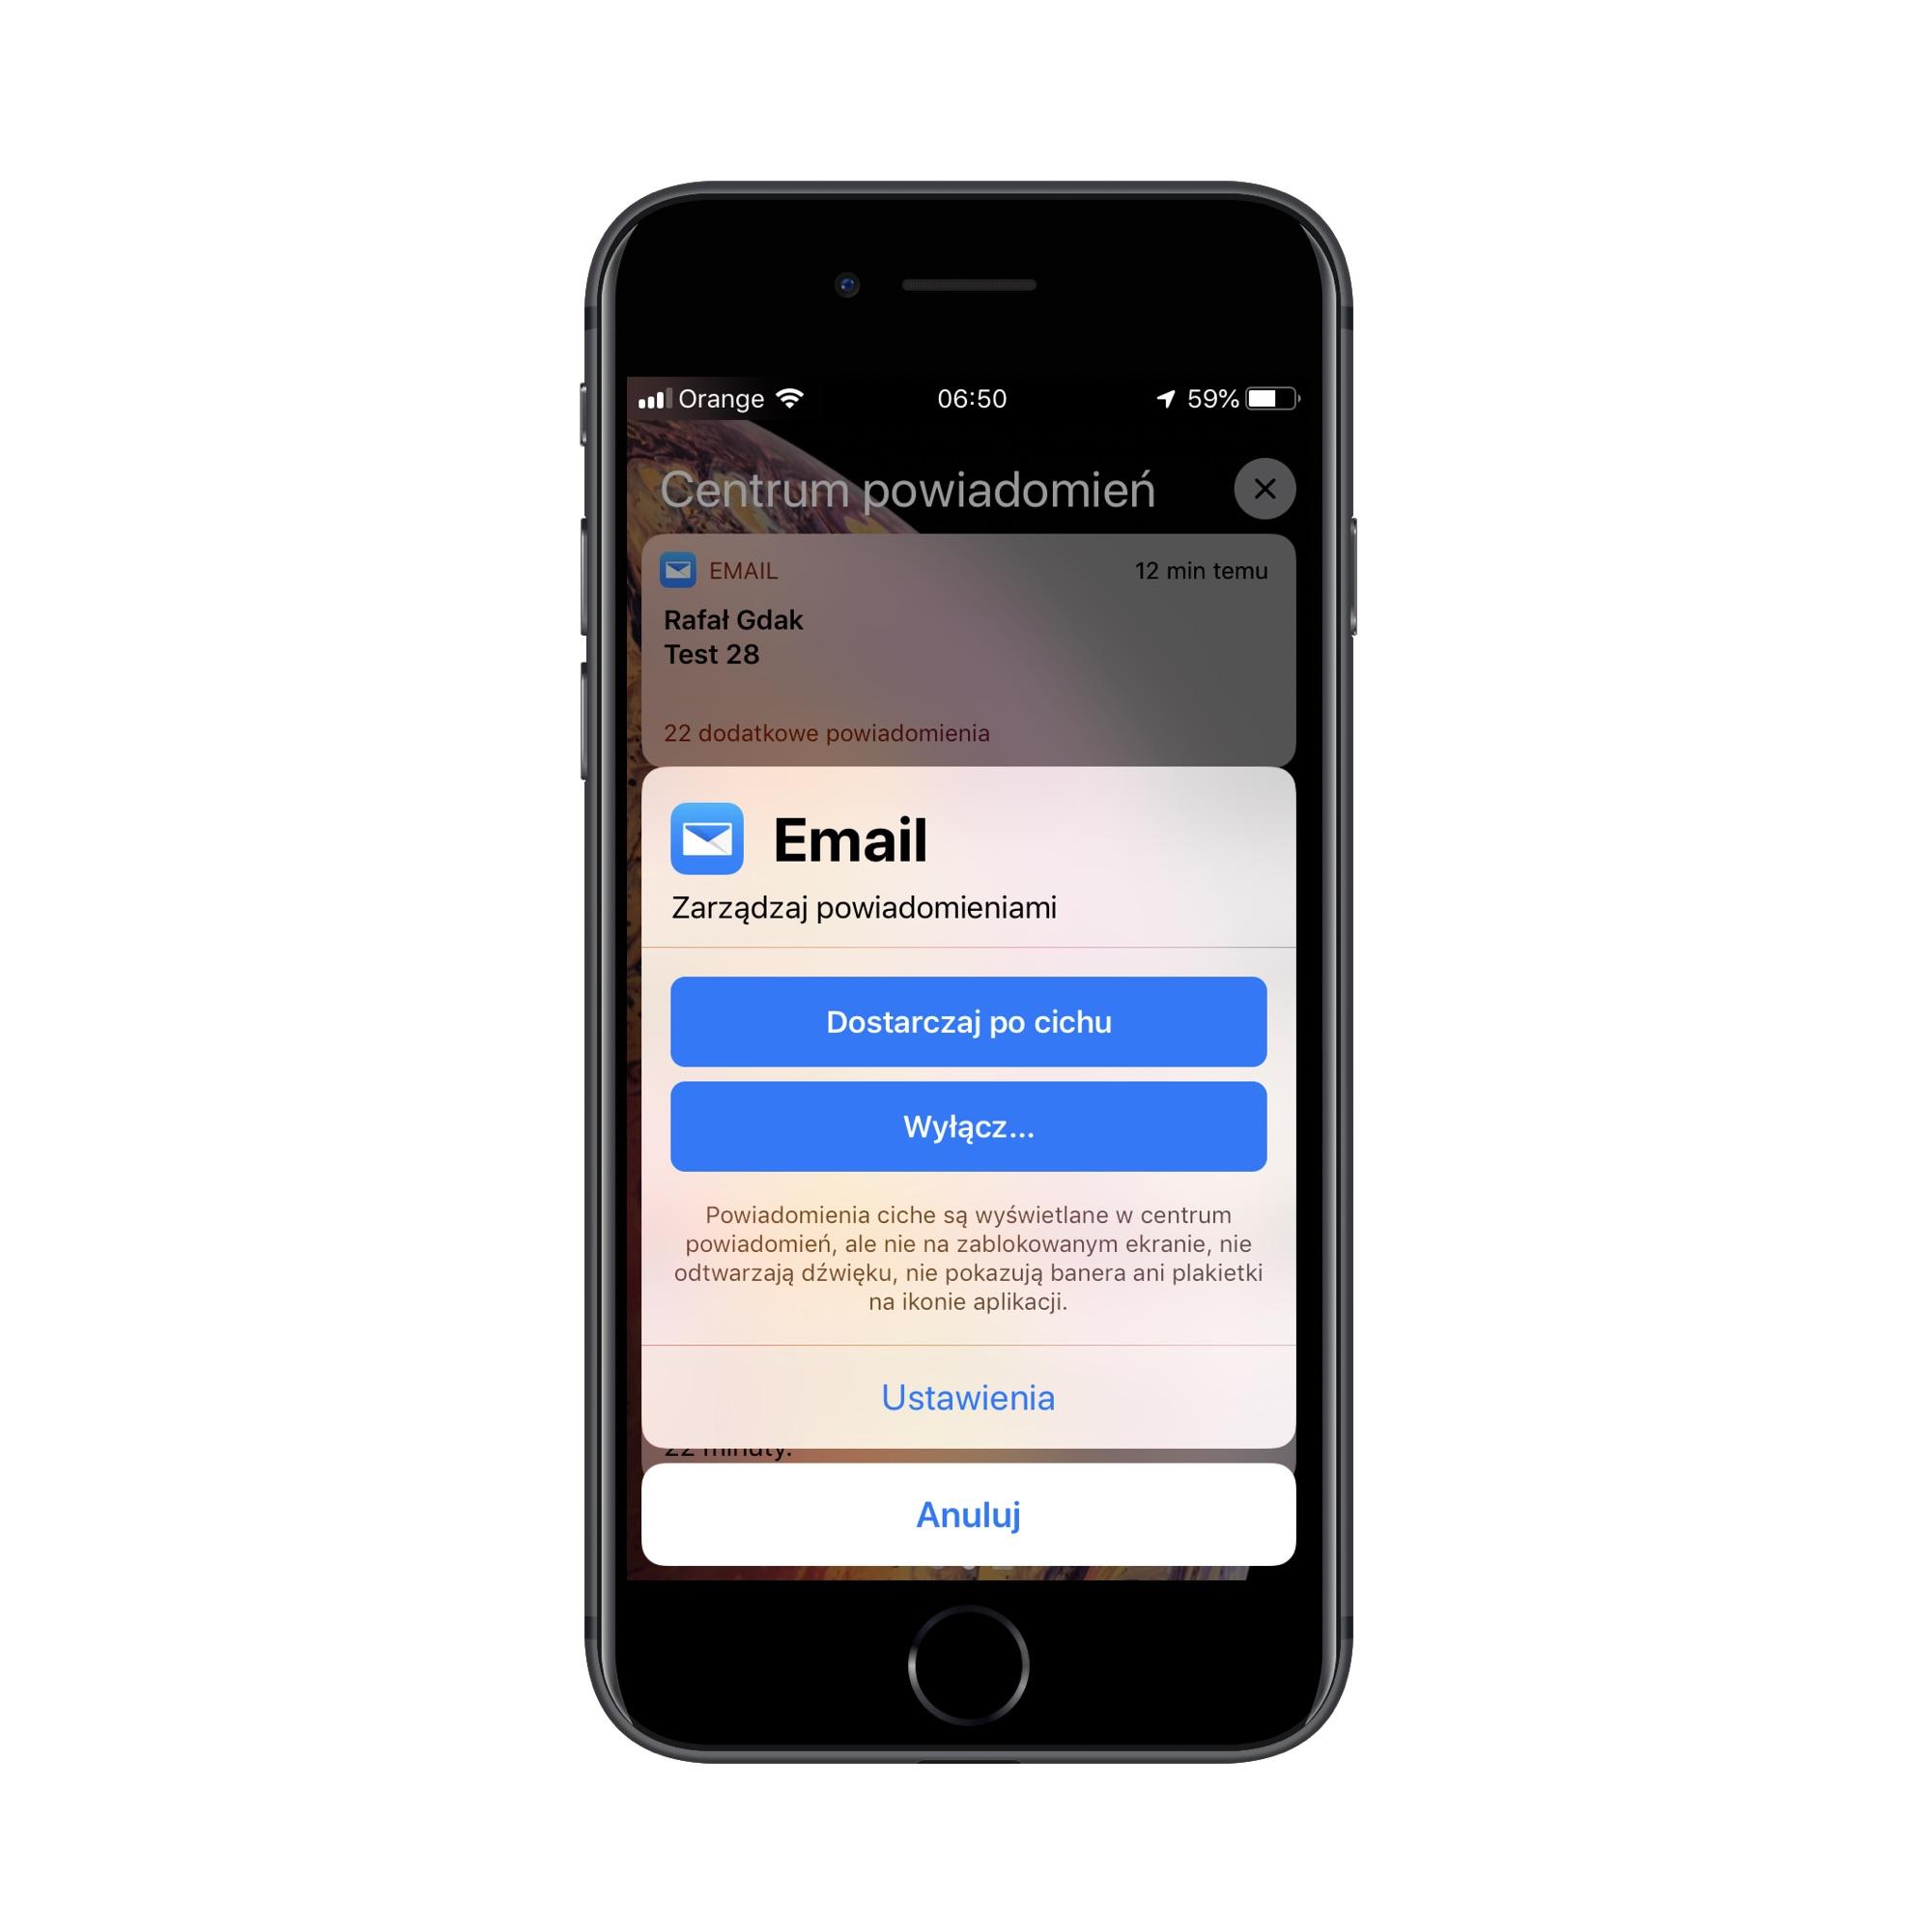 Zarządzanie powiadomieniami w iOS 12